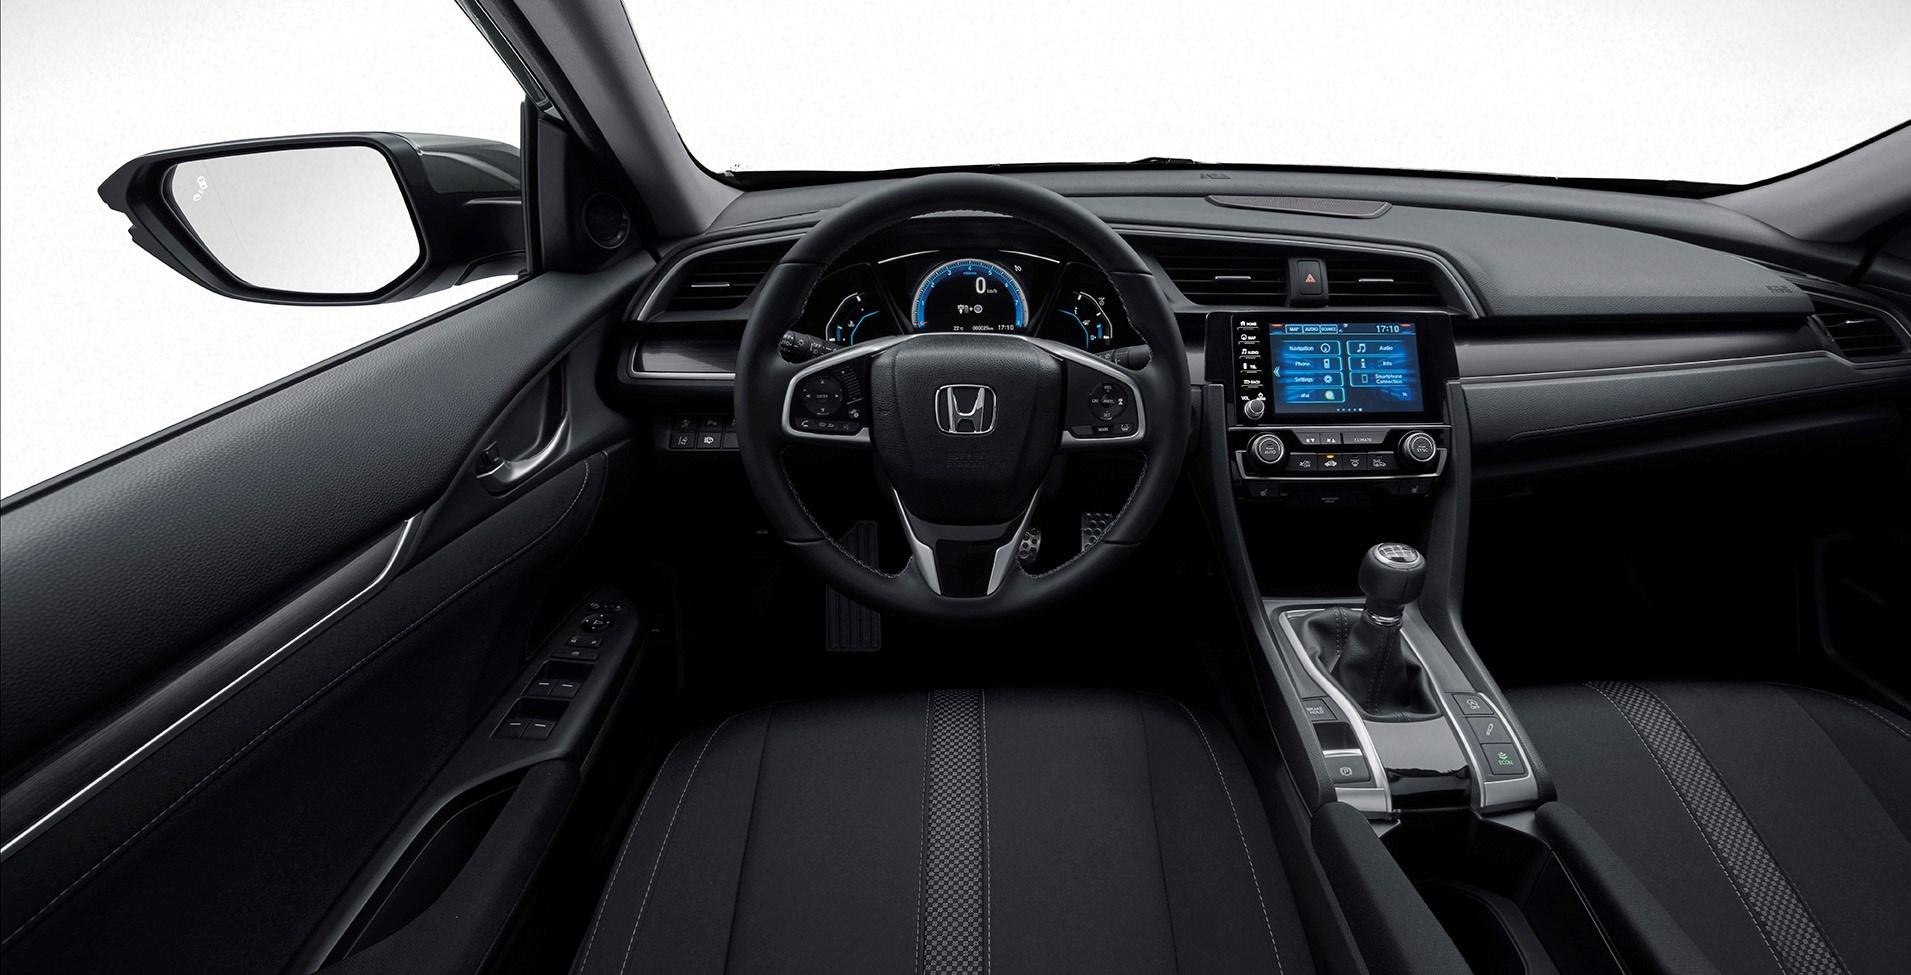 Honda Civic 2020, aggiornamento di stile e infotainment